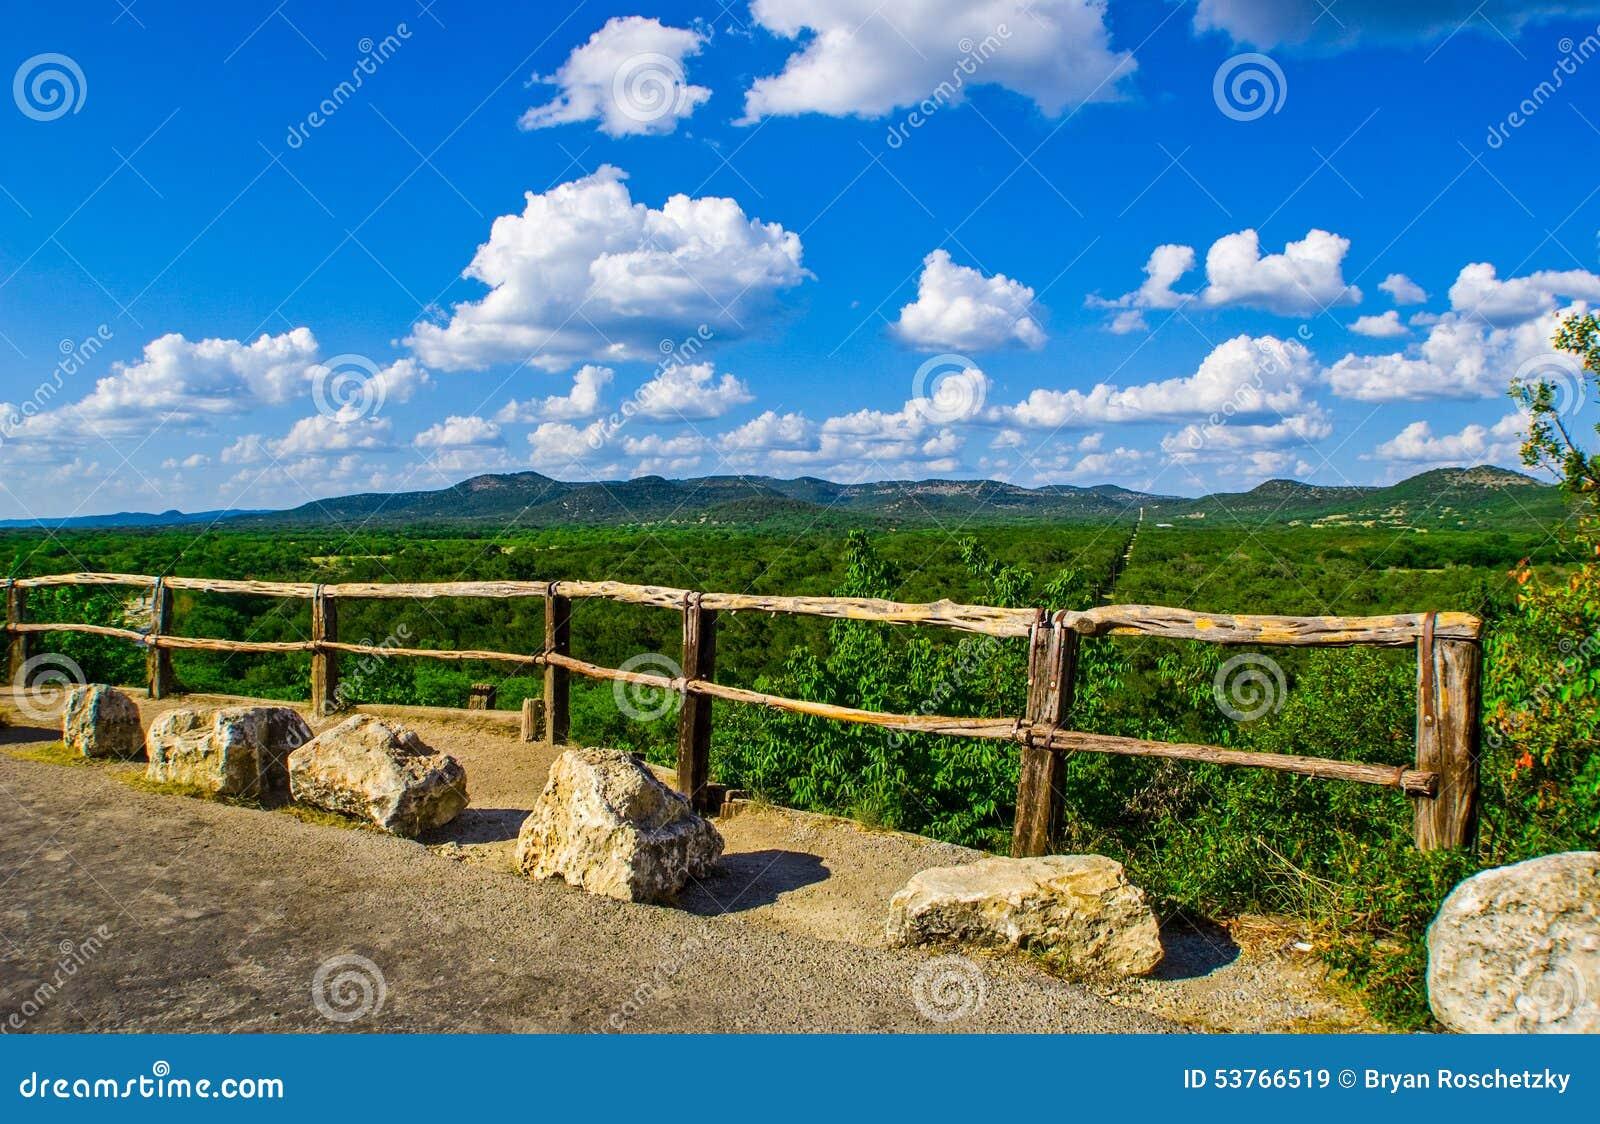 El parque de estado del Garner pasa por alto a Texas Hill Country